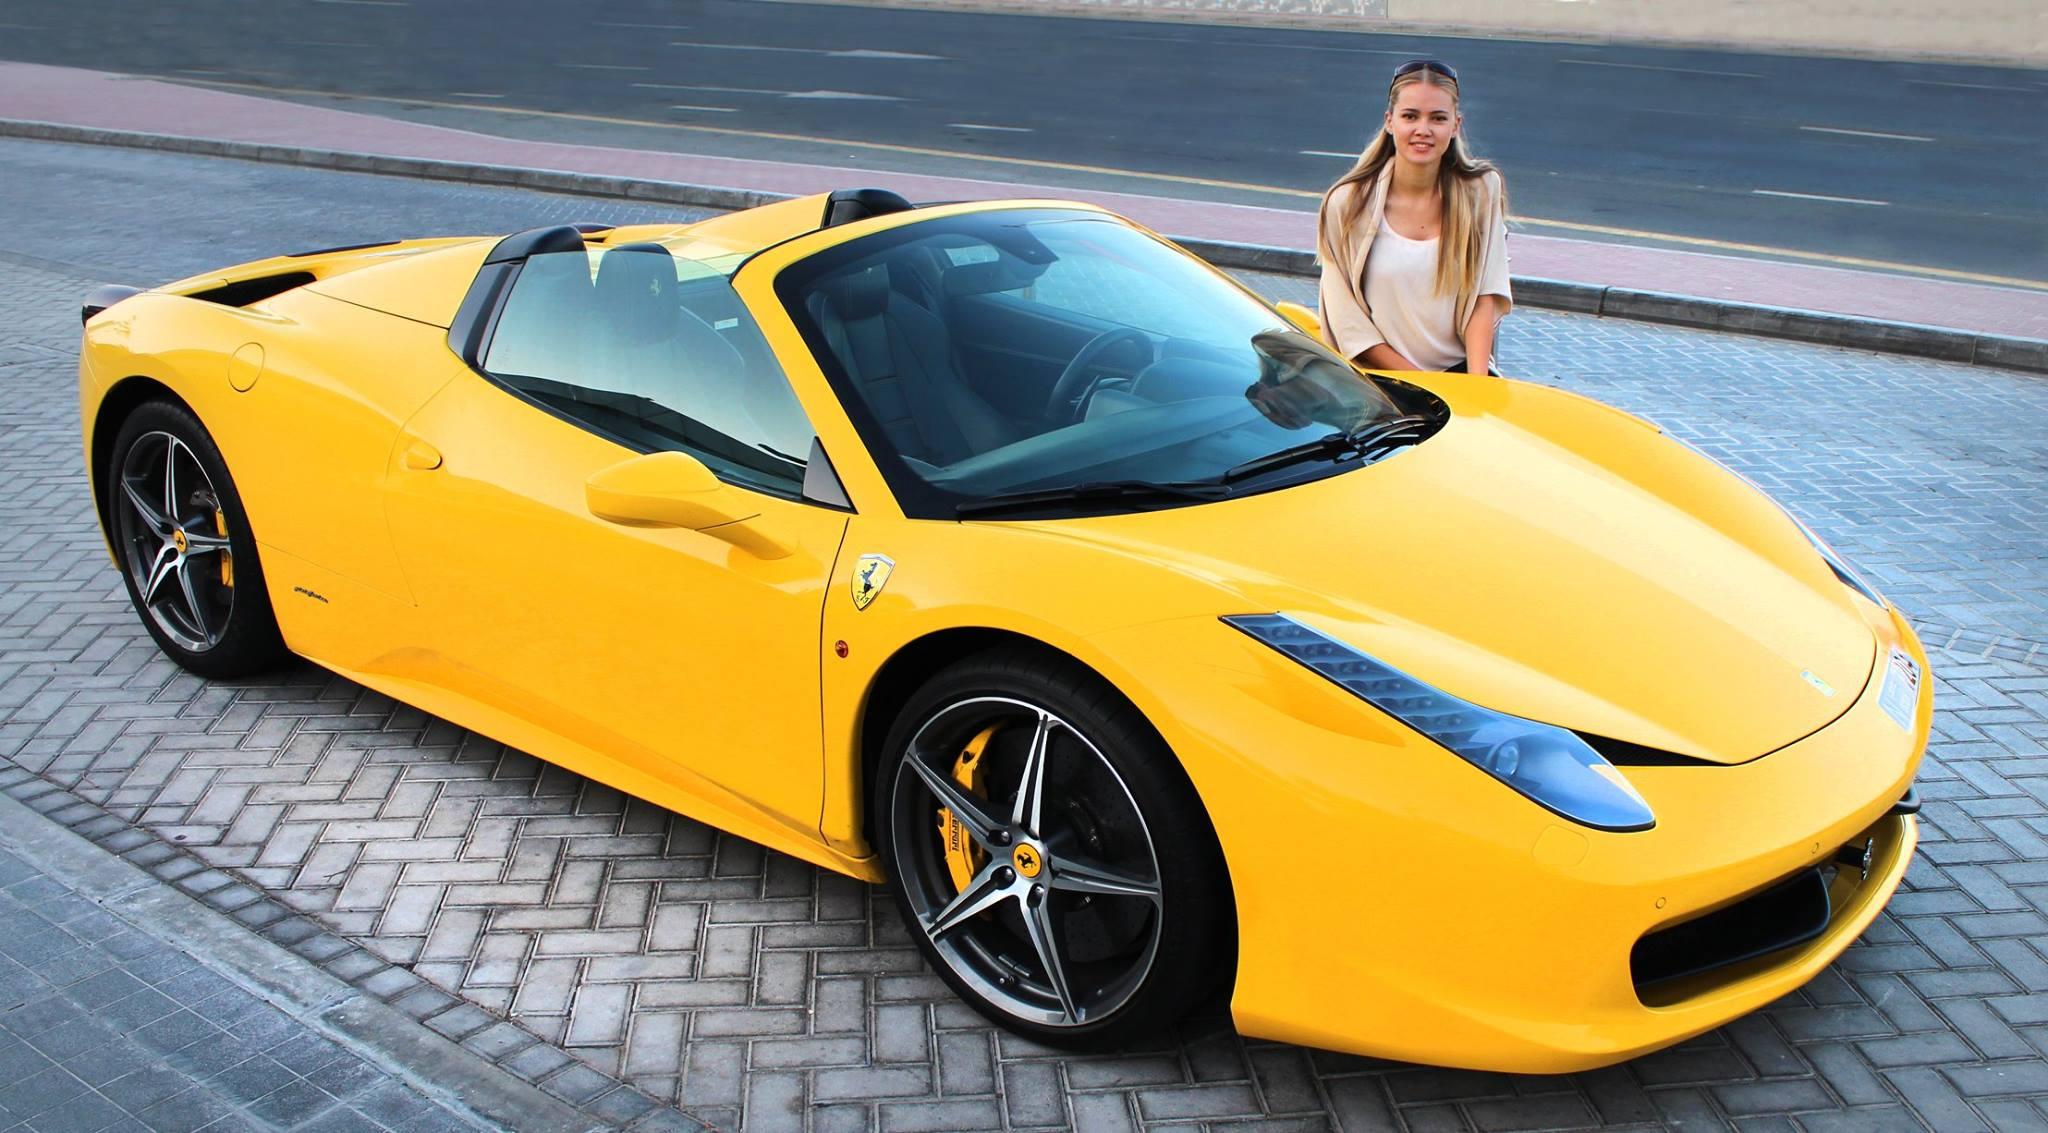 Ukrainian Model Tety Tudor Drives Her New Ferrari 458